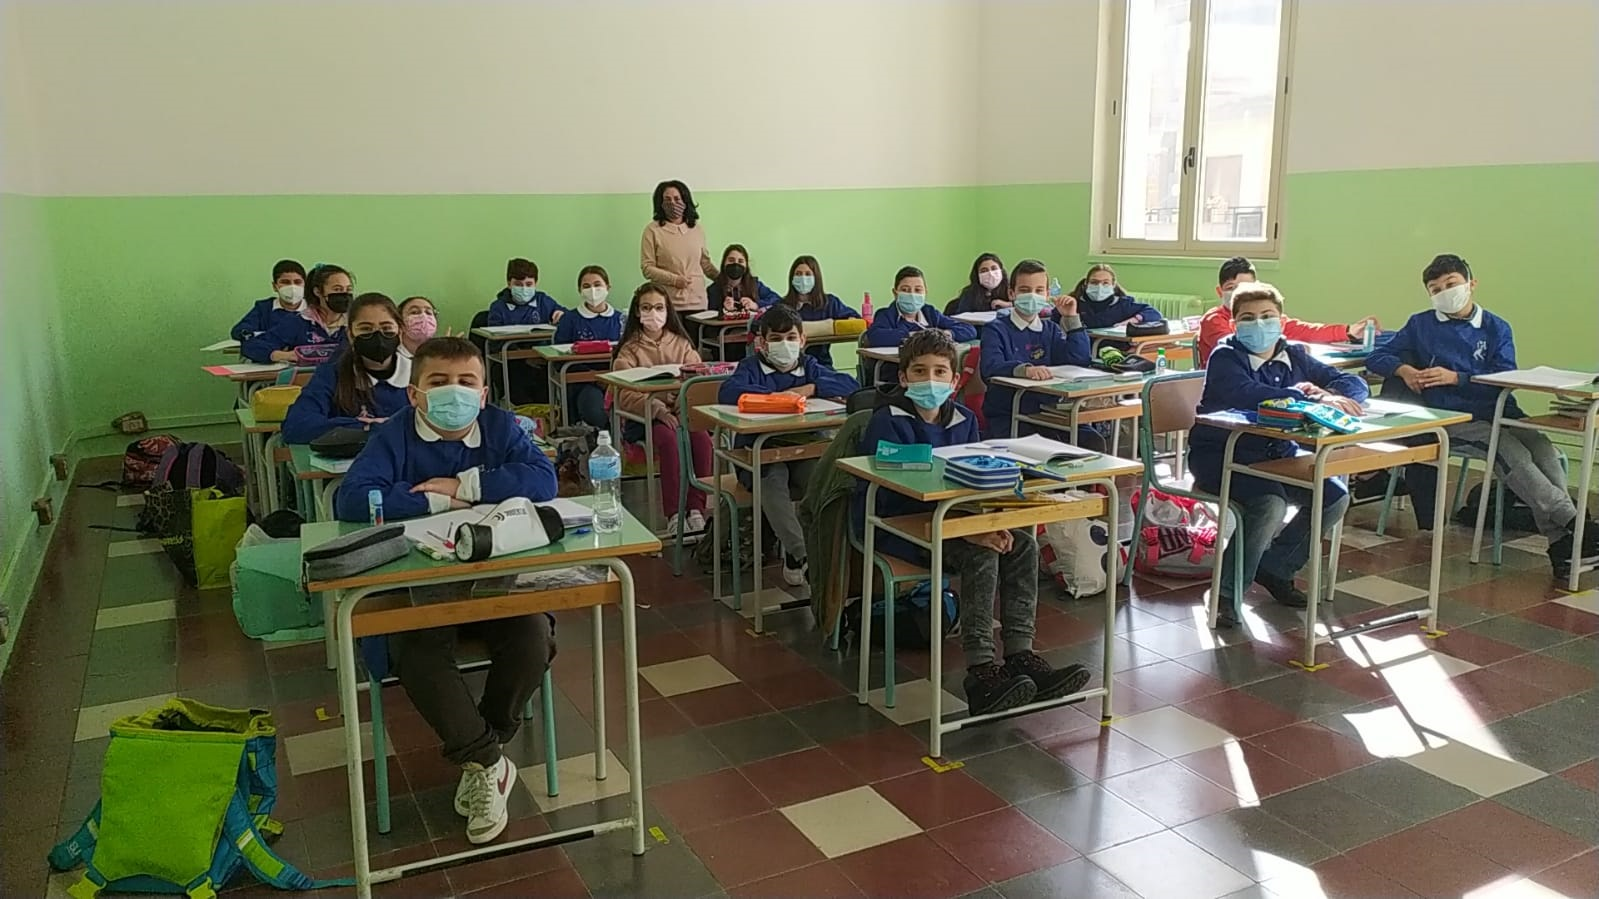 """comune-di-montalbano-jonico:-riconoscimenti-conseguiti-dagli-alunni-della-scuola-elementare-""""n.-fiorentino"""""""